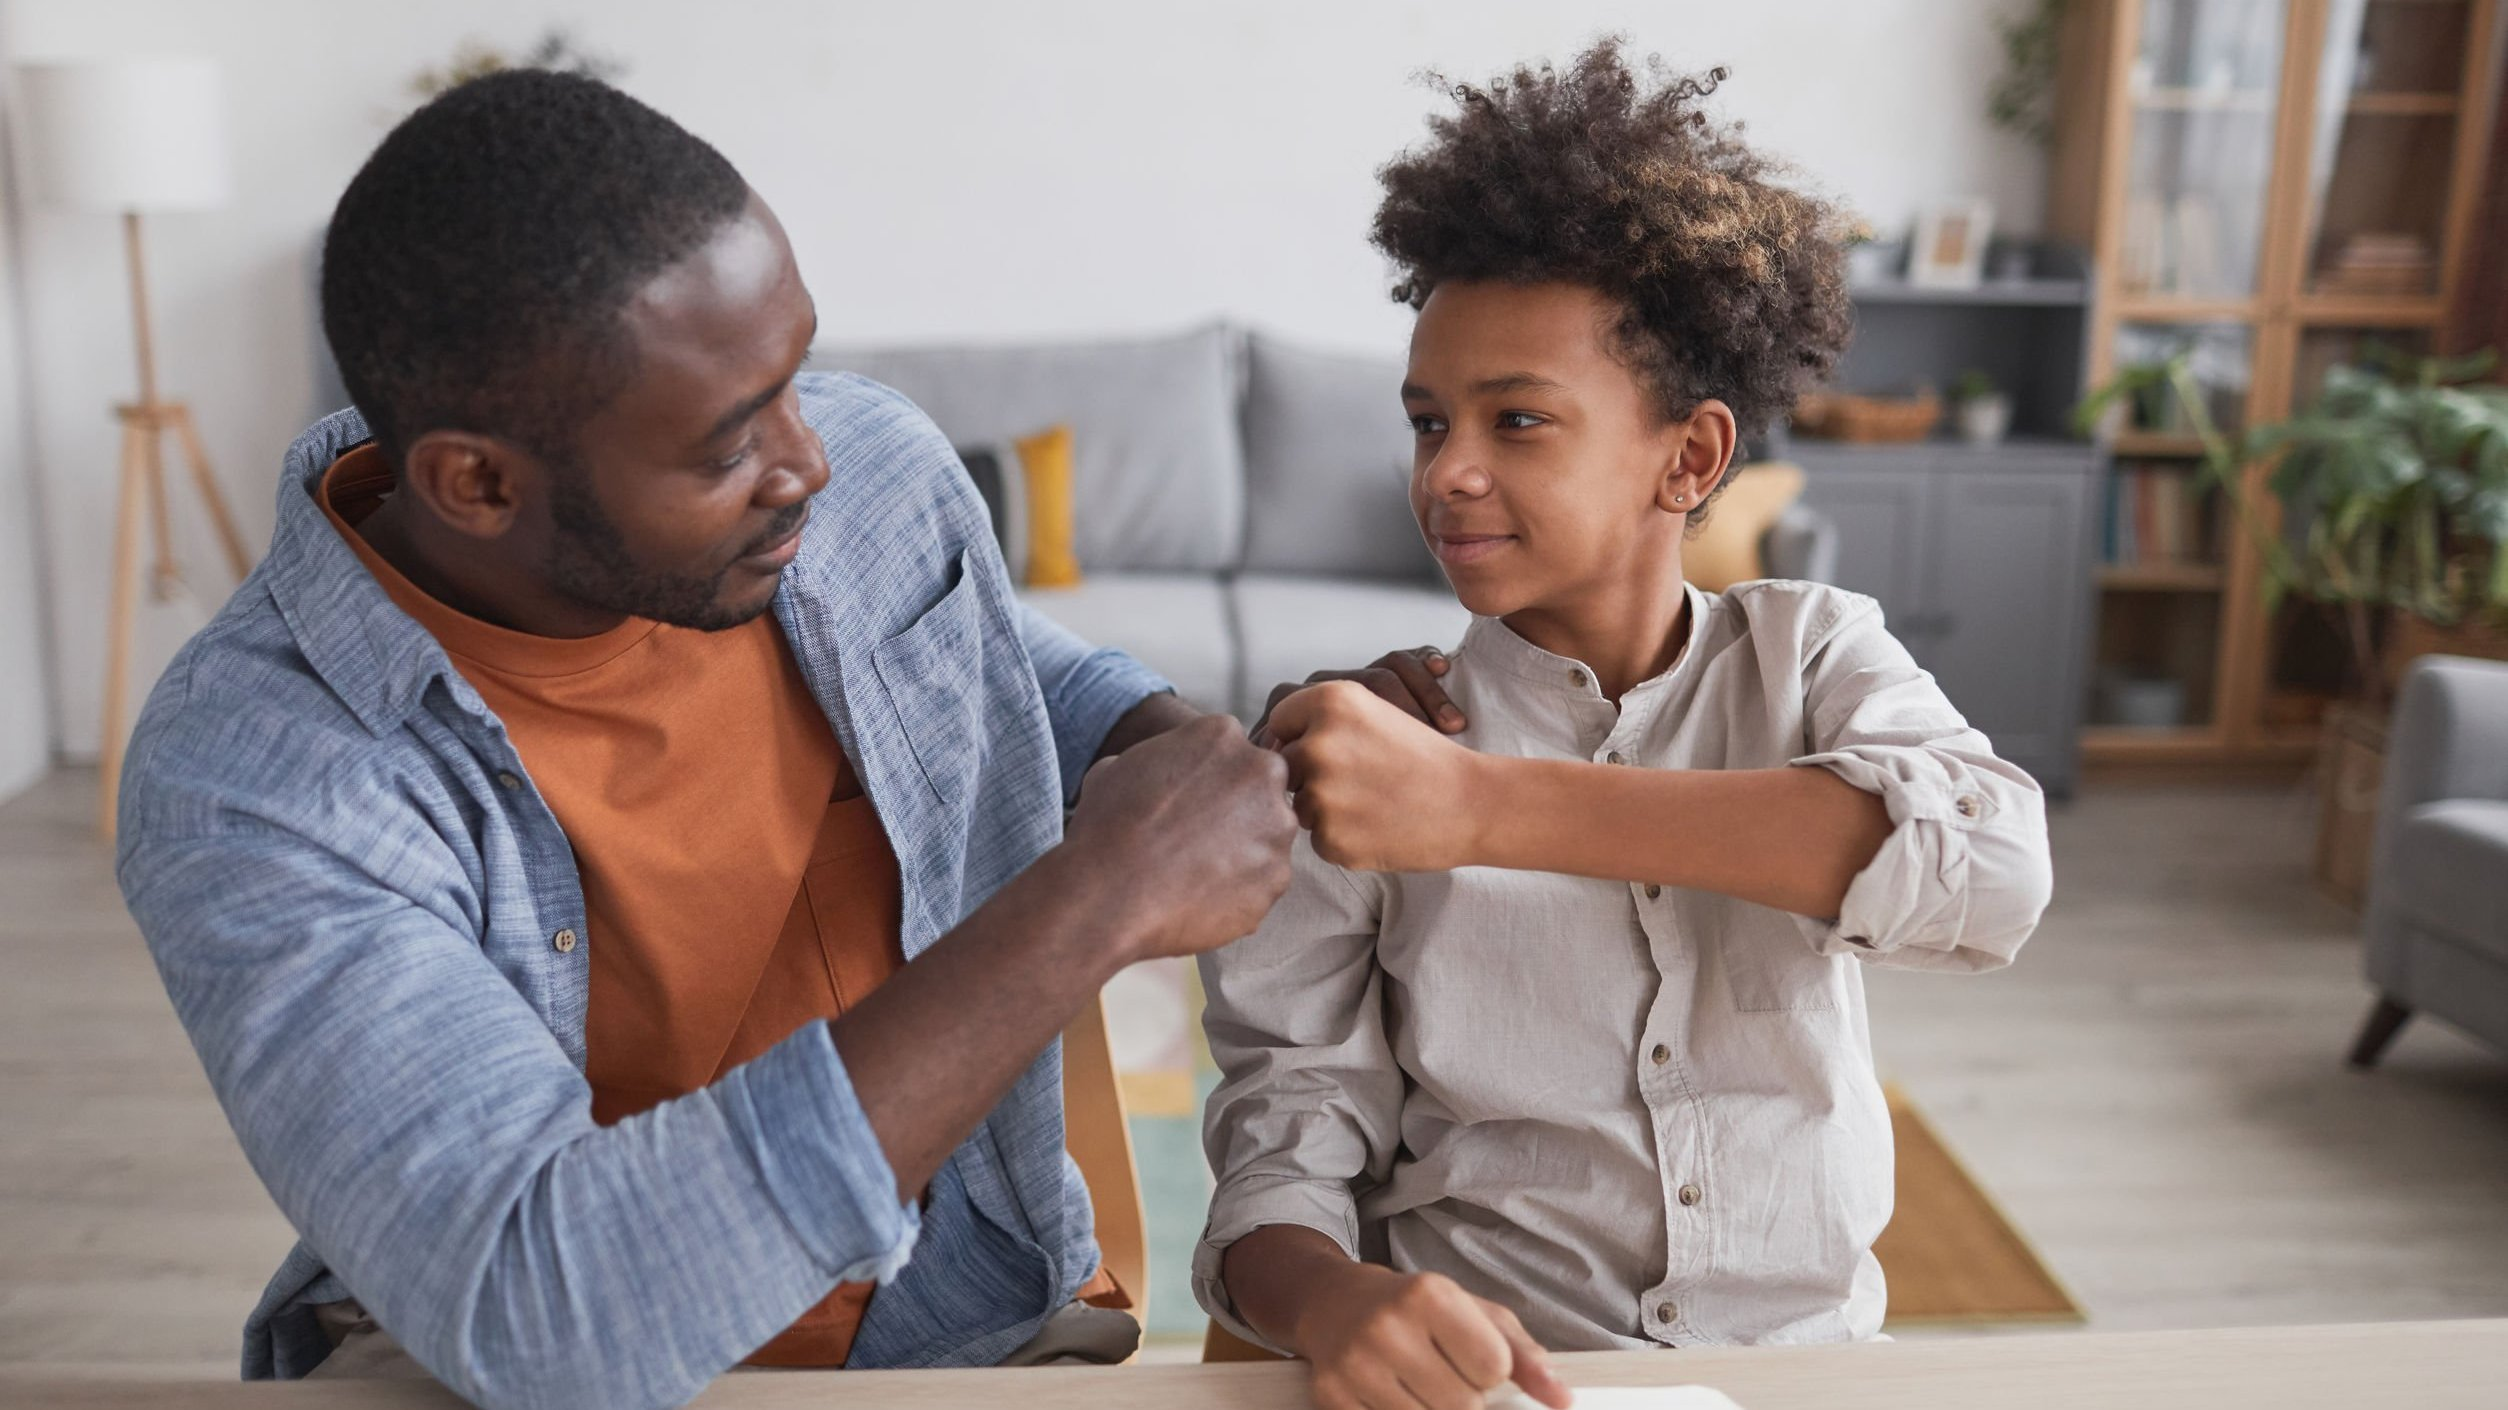 Pai e filho unem as mãos em gesto simbólico.